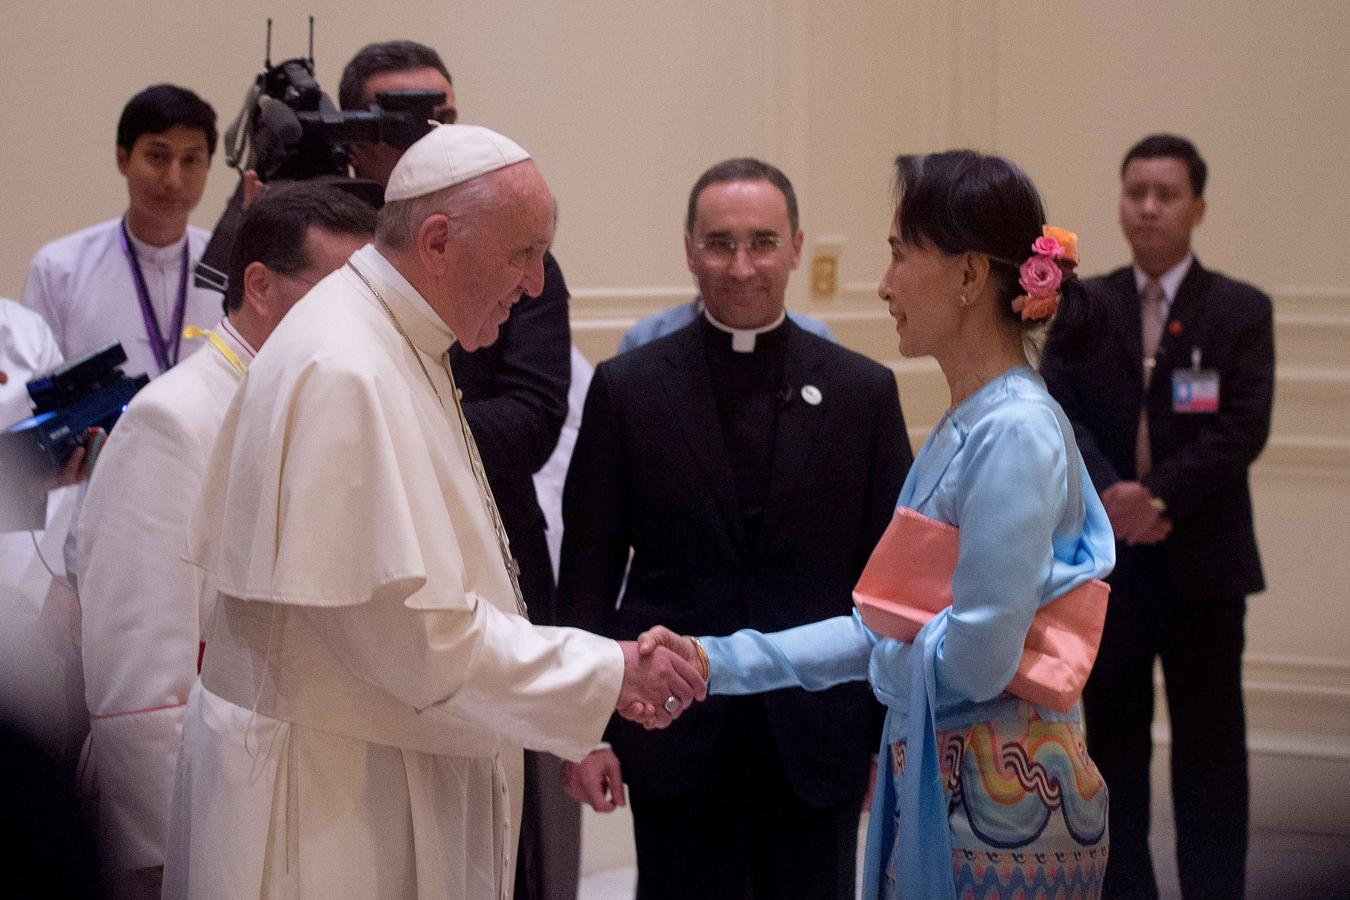 El Papa Francisco saluda a la líder de facto birmana, Aung San Suu Kyi